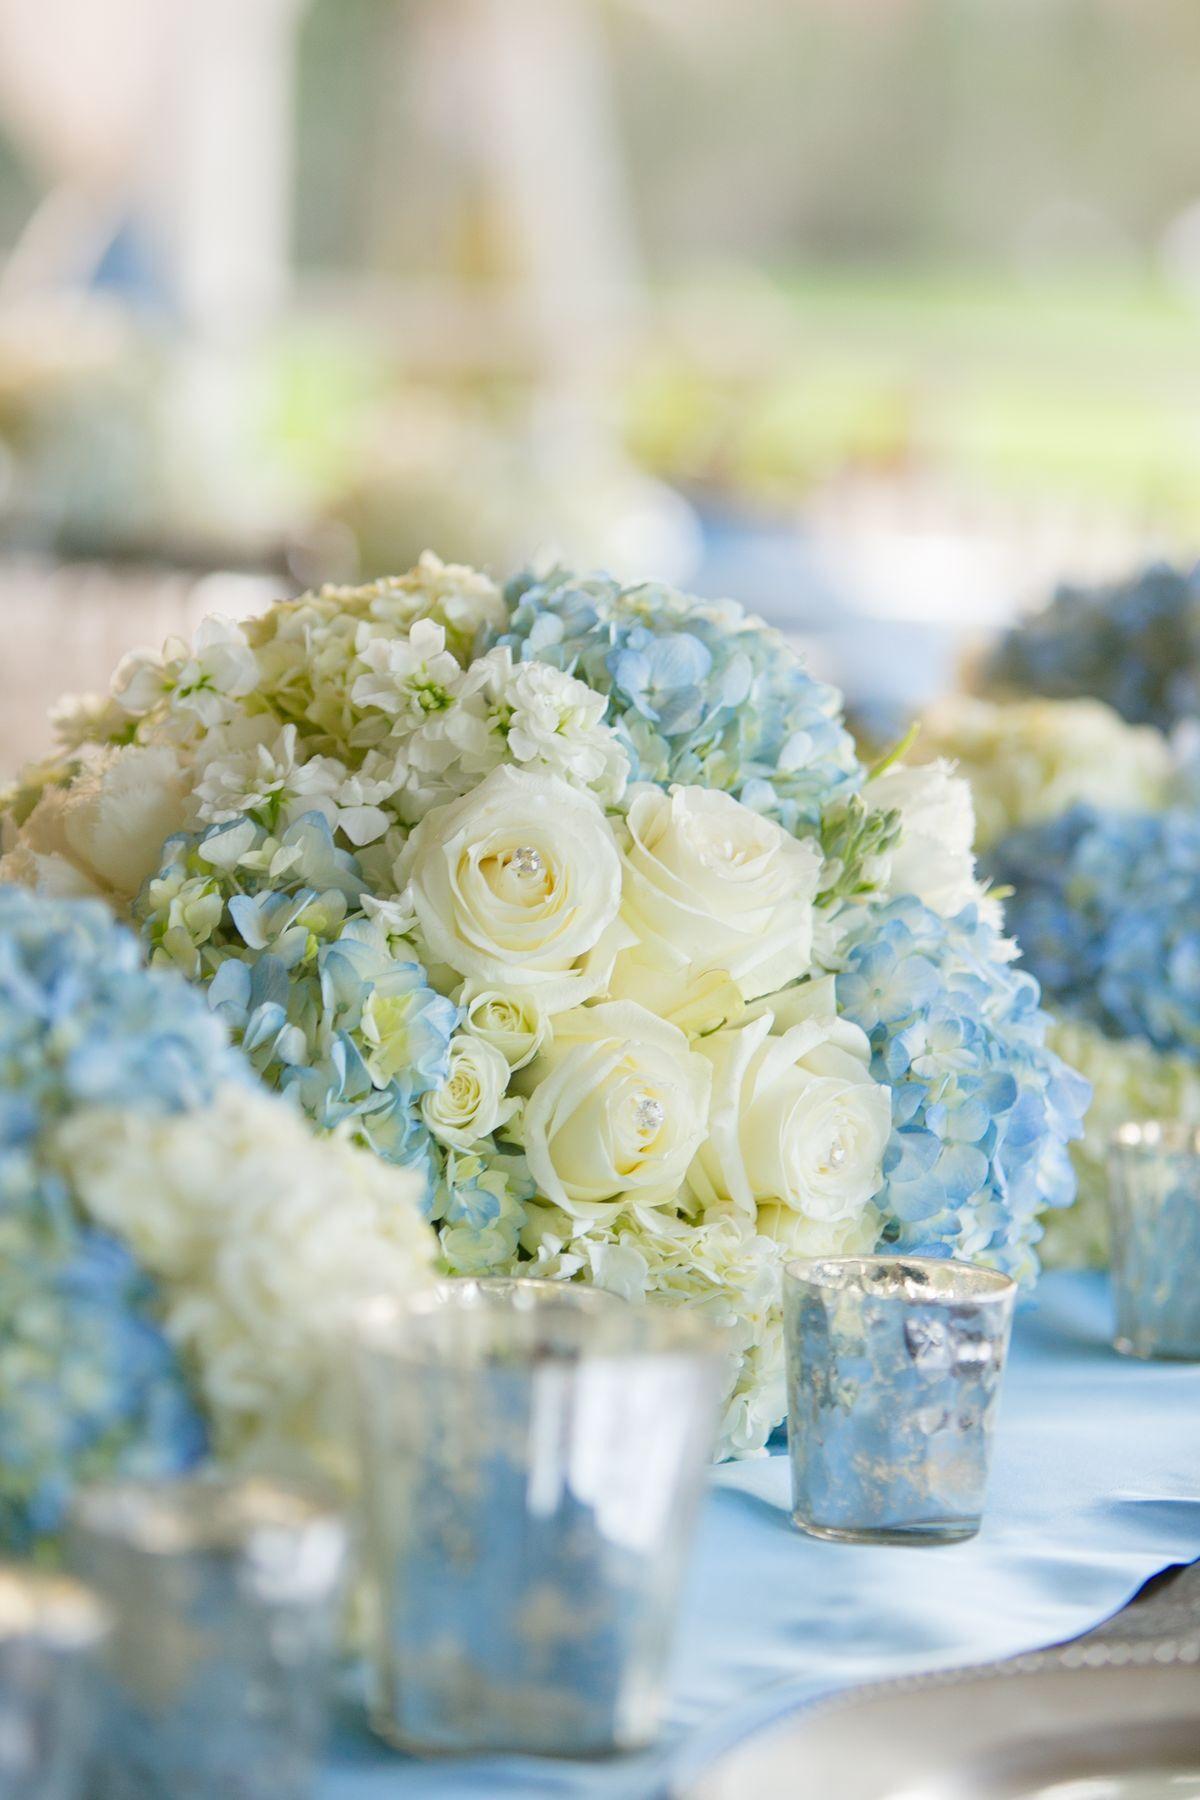 Centros Baixos Com Rosas Brancas E Hortencias Azuis Centro De